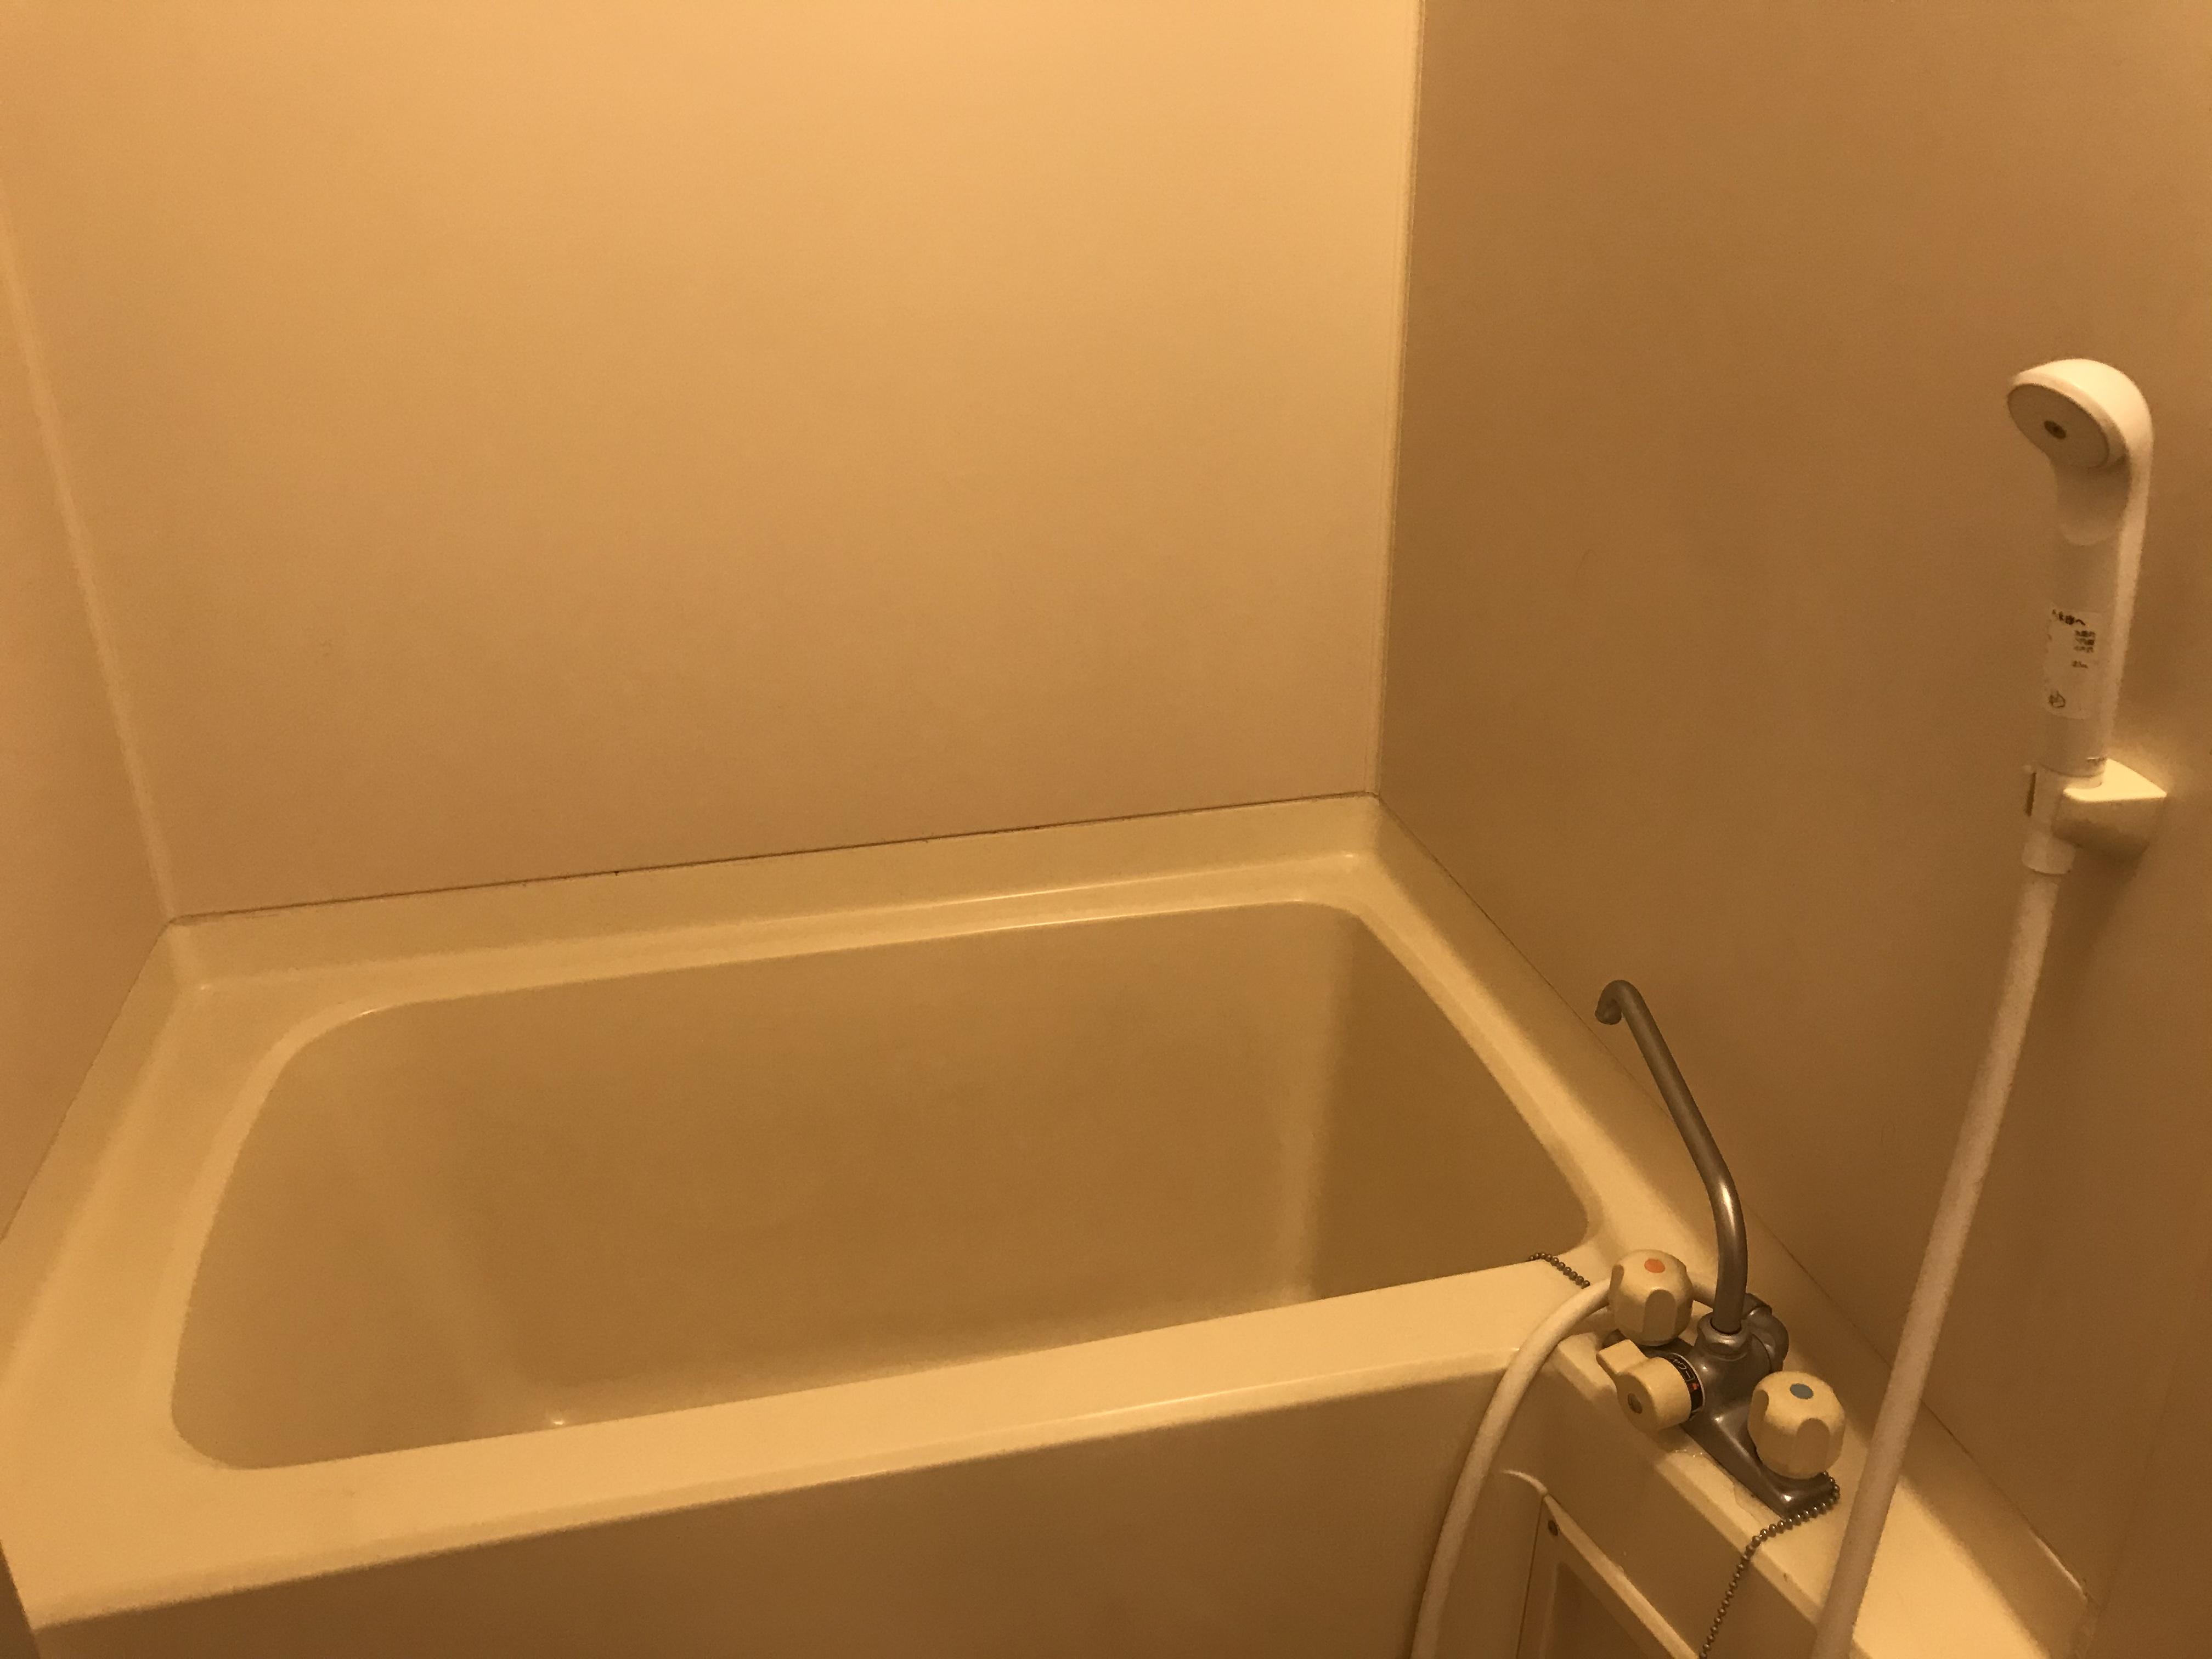 棚倉町の風呂水漏れ